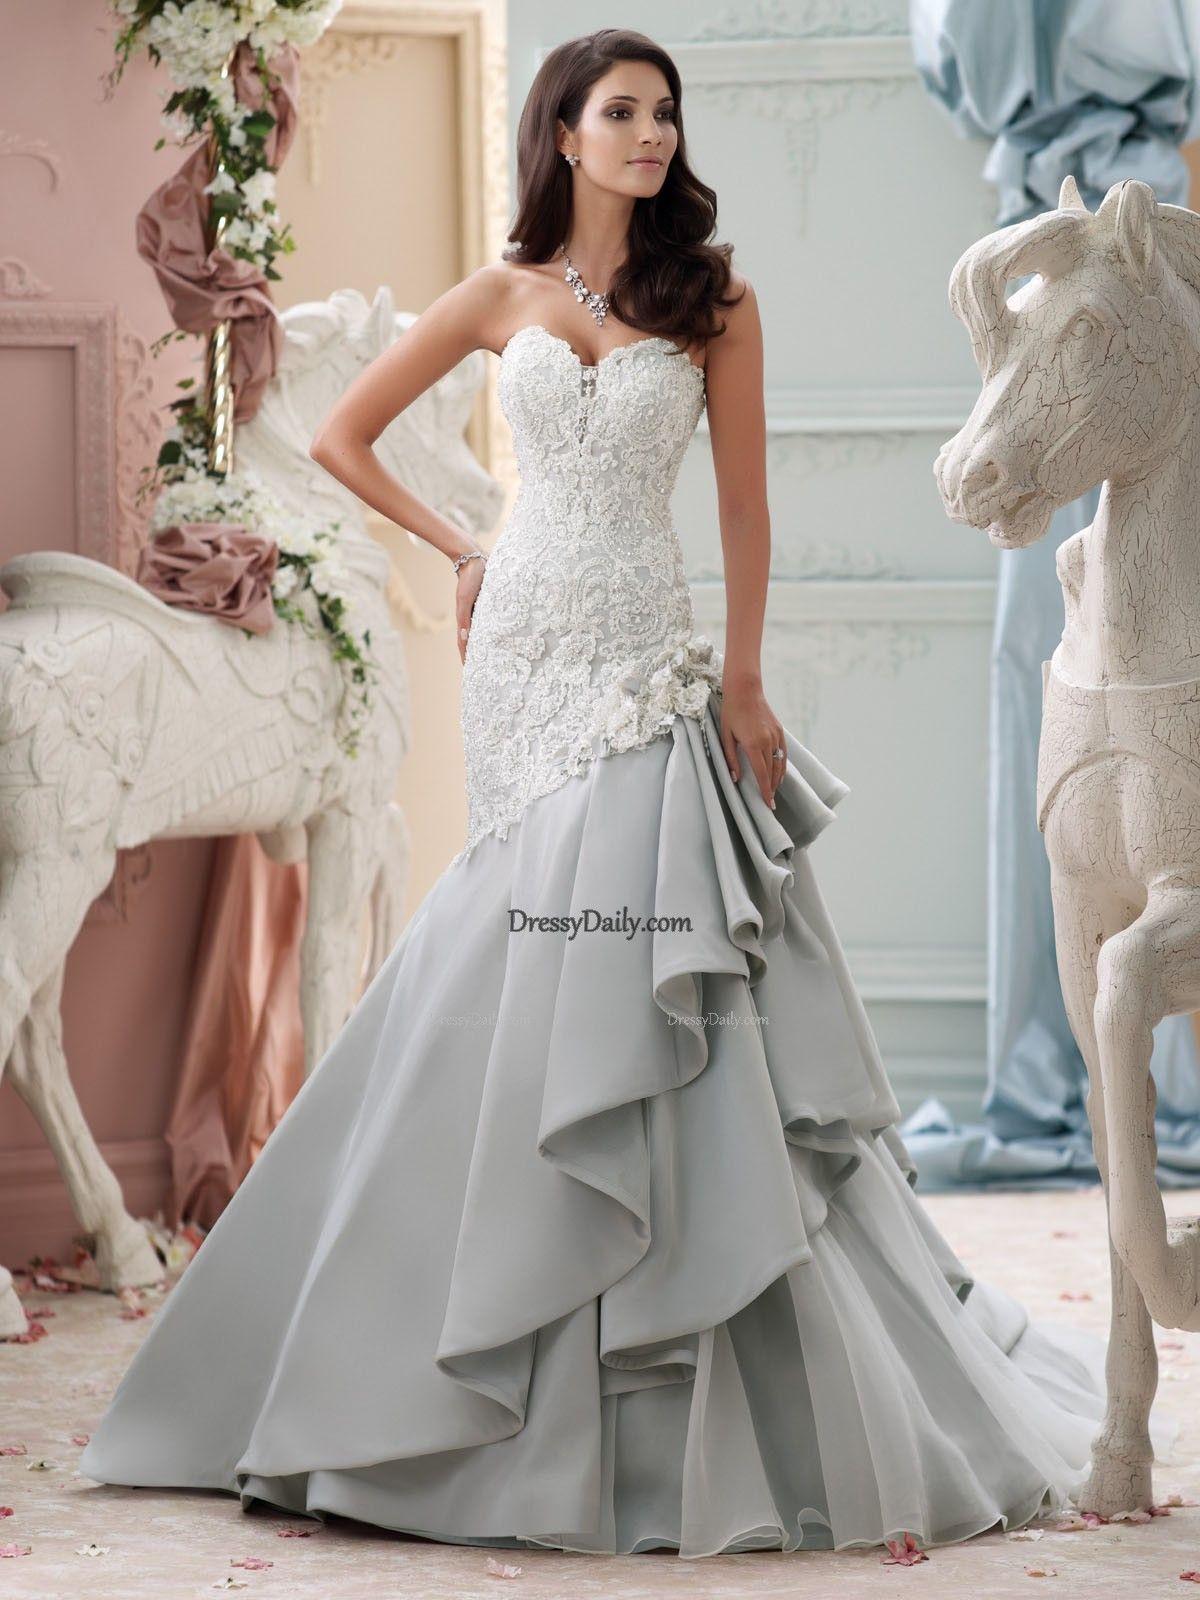 Grey mermaid wedding dress  wedding dress wedding dresses  Wedding Dressub  Pinterest  Wedding